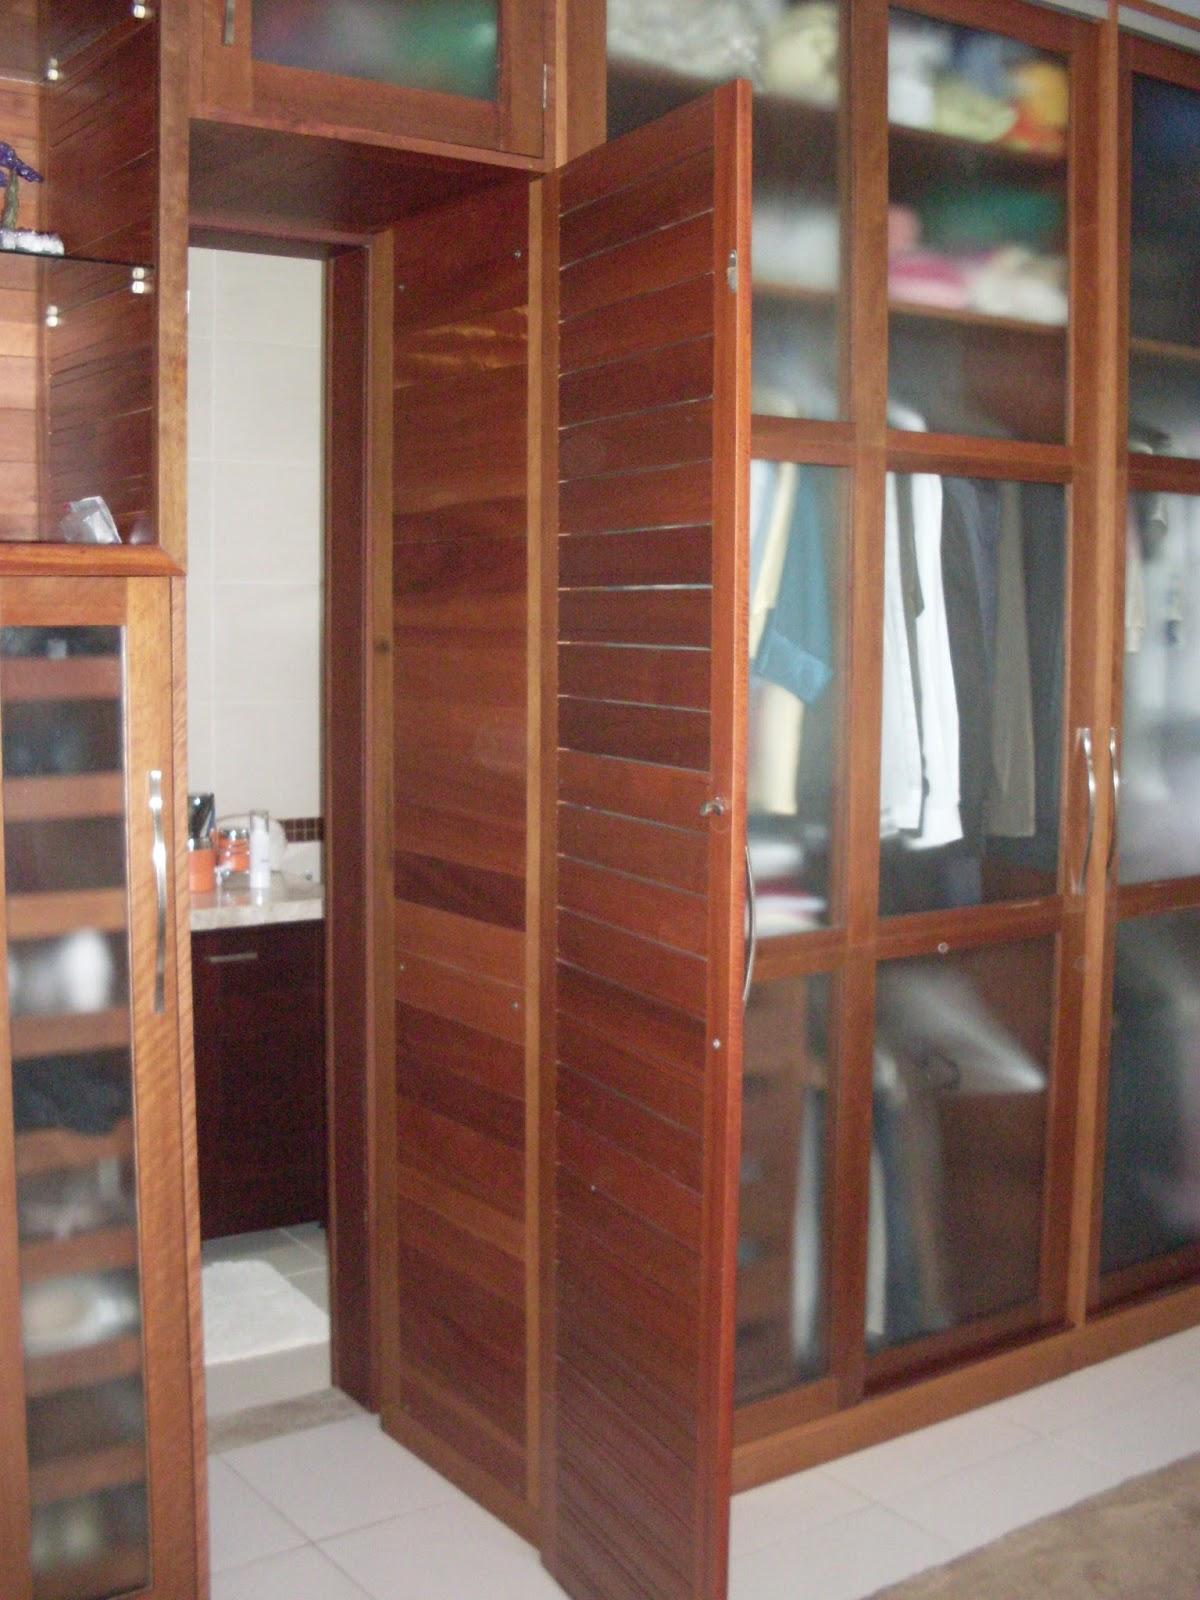 Móveis planejados em madeira e MDF: Quarto casal planejado #925739 1200x1600